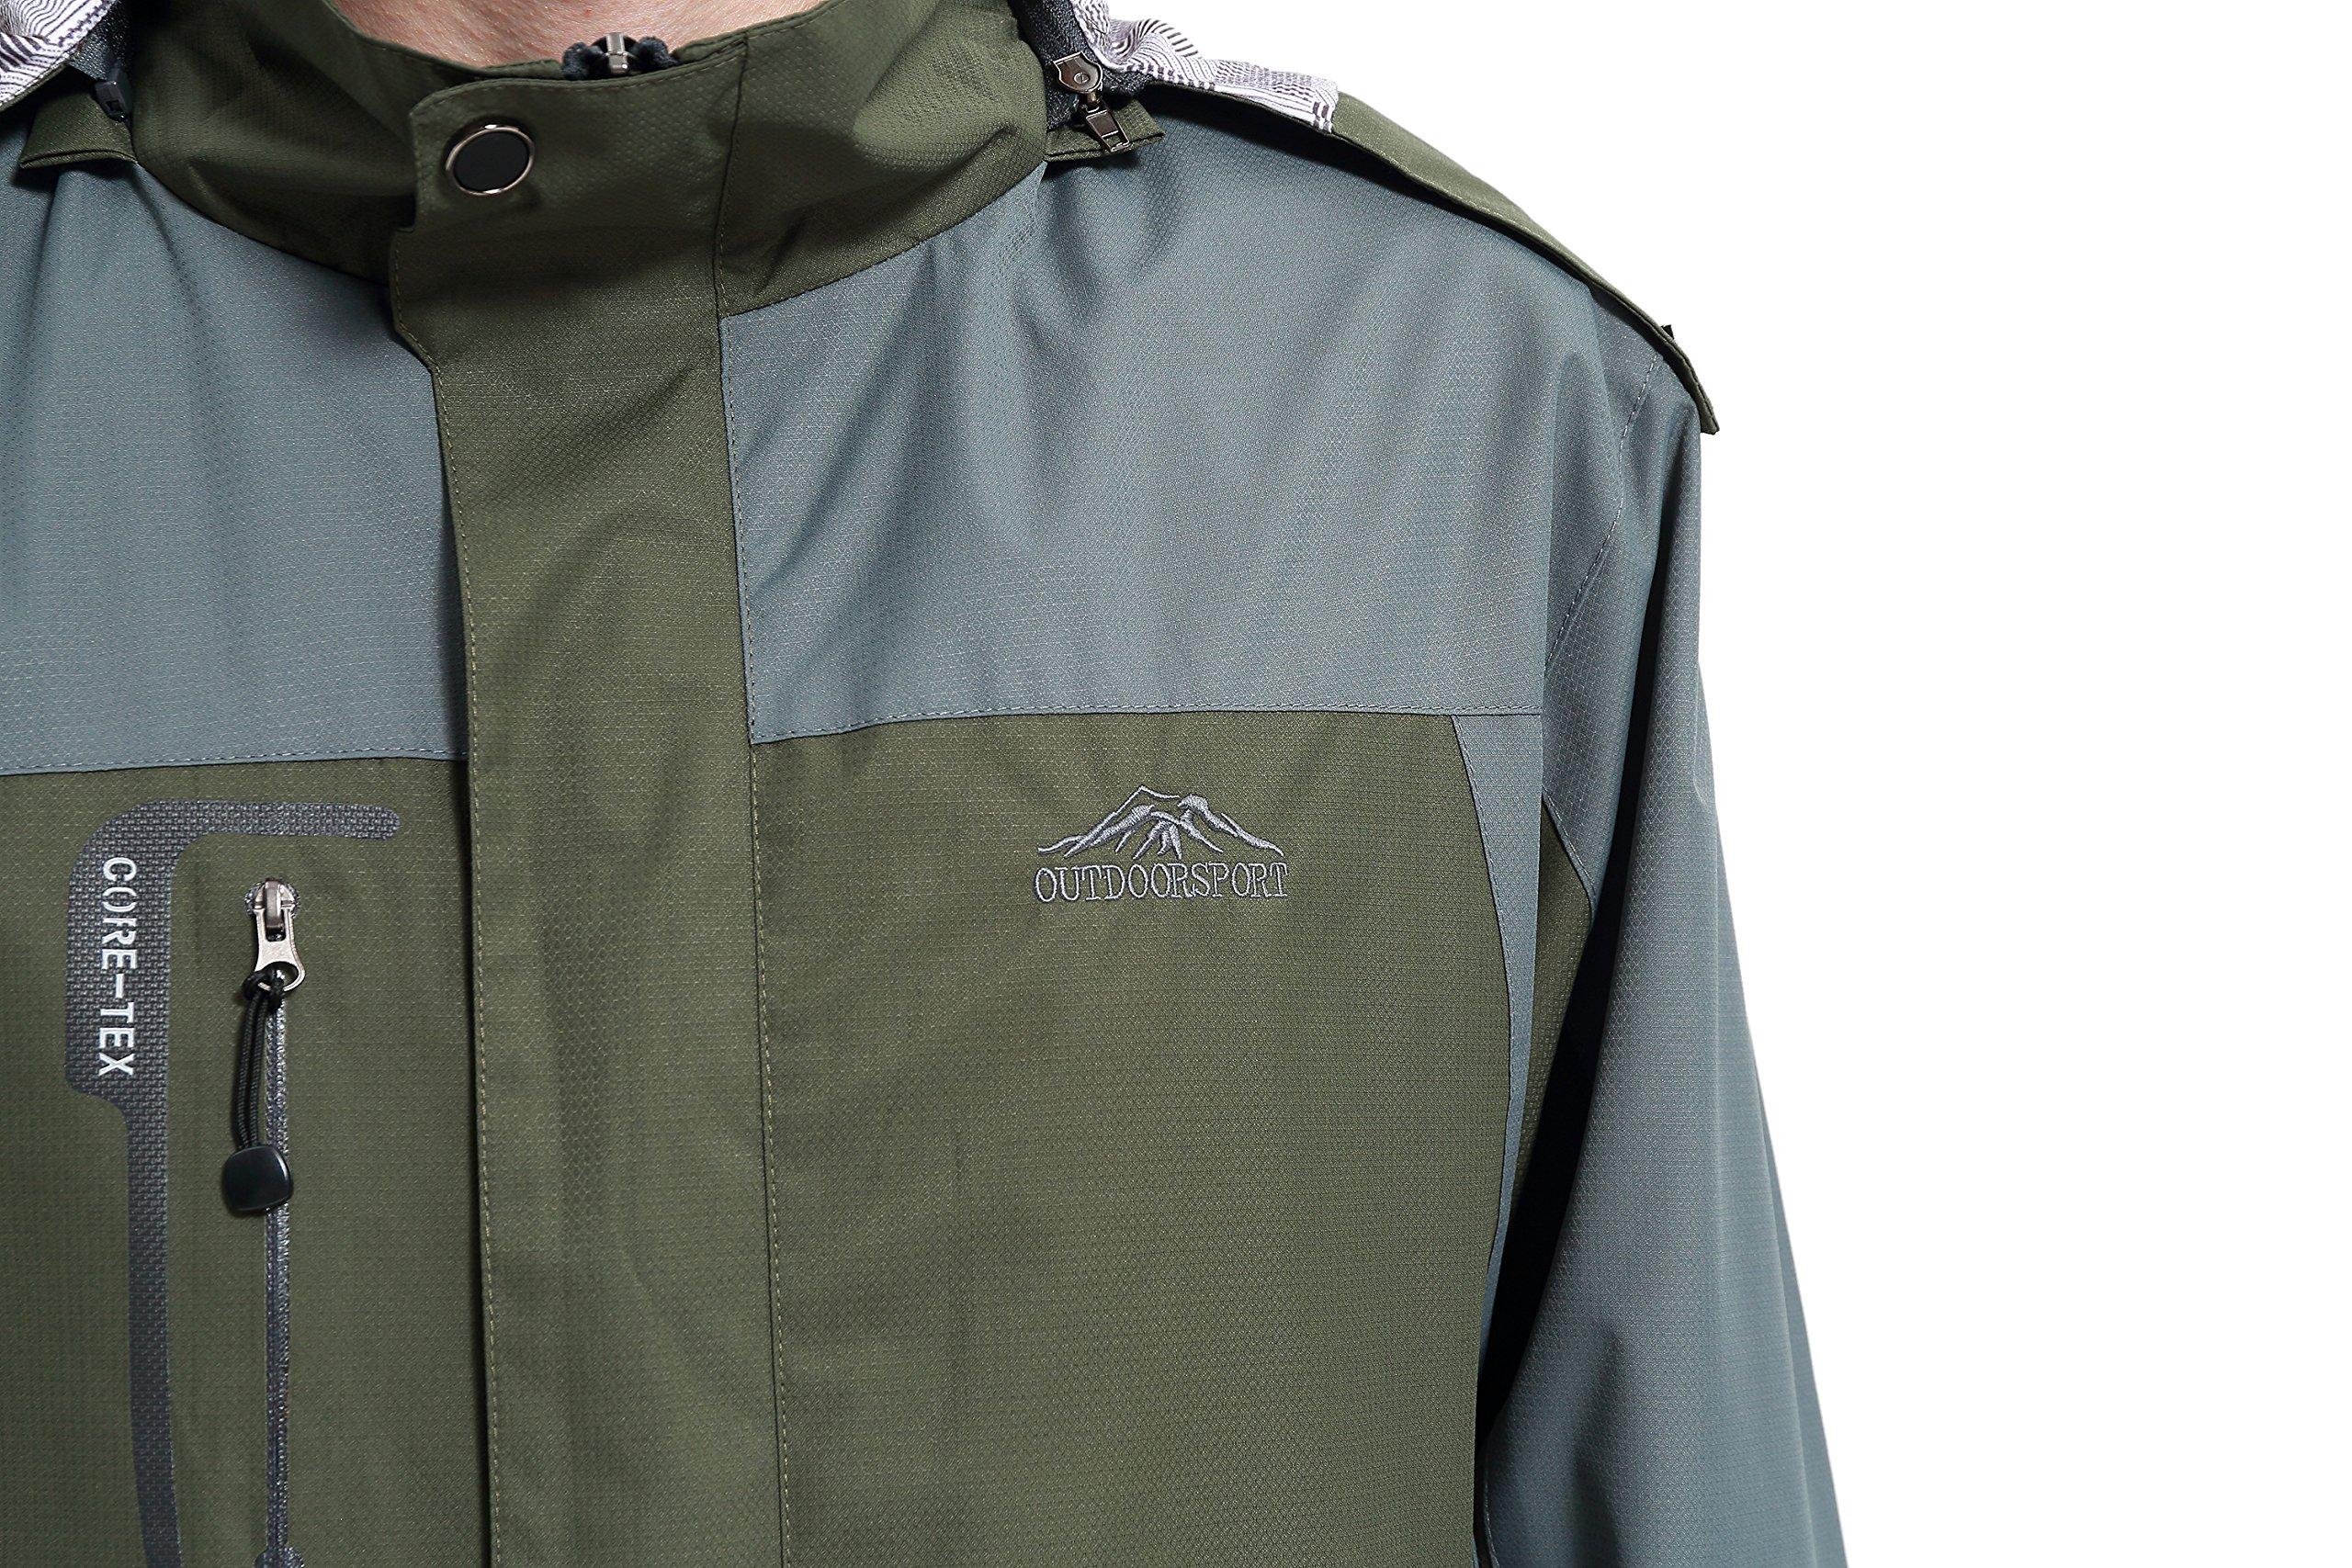 Diamond Candy men Sportswear Hooded Softshell Outdoor Raincoat Waterproof Jacket 02DGM